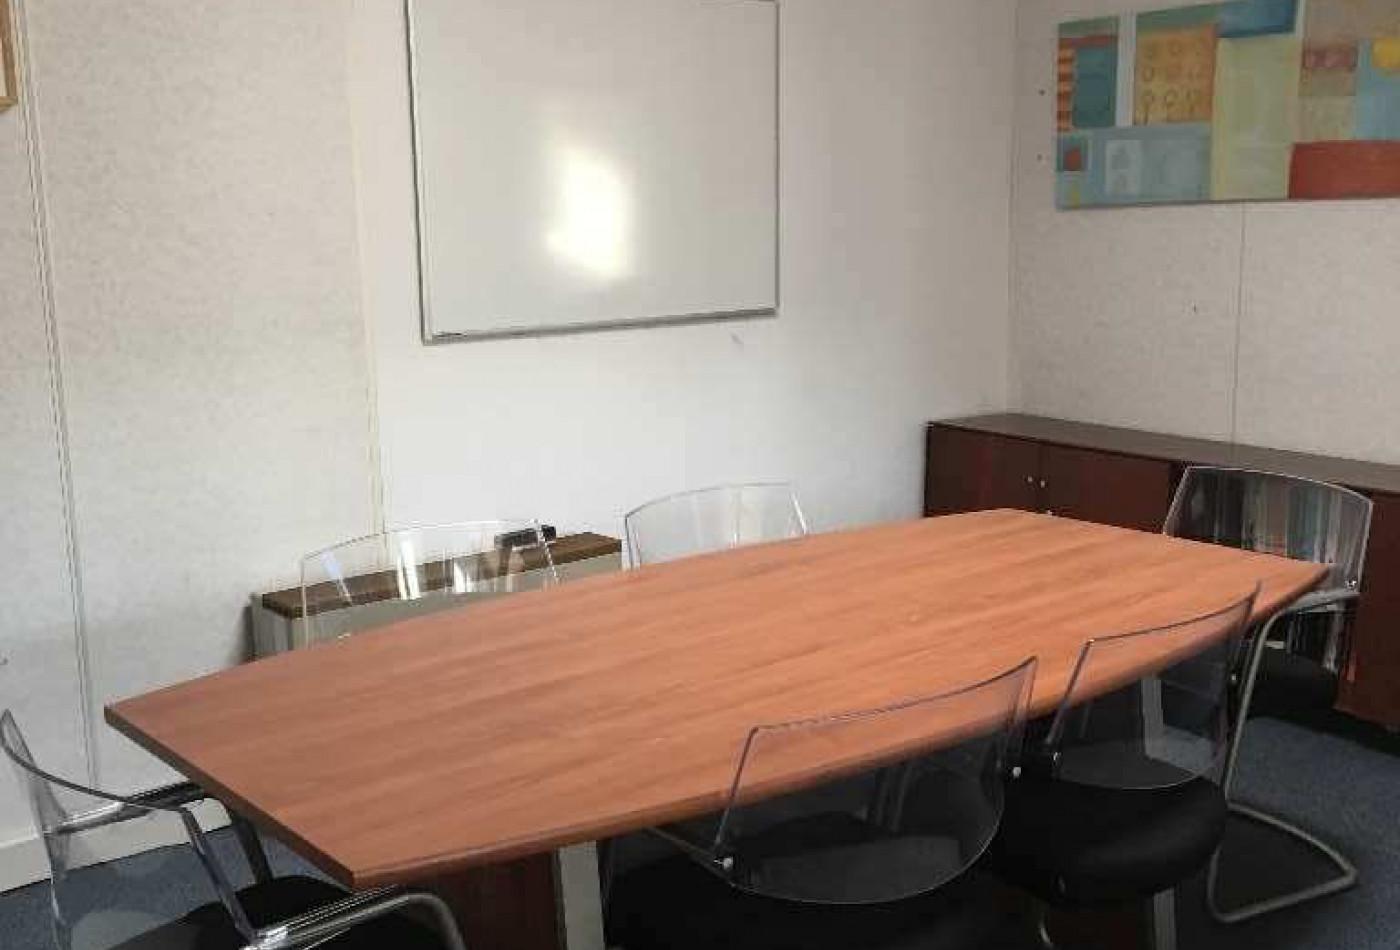 bureau en vente montferrier sur lez r th l ne entreprises. Black Bedroom Furniture Sets. Home Design Ideas